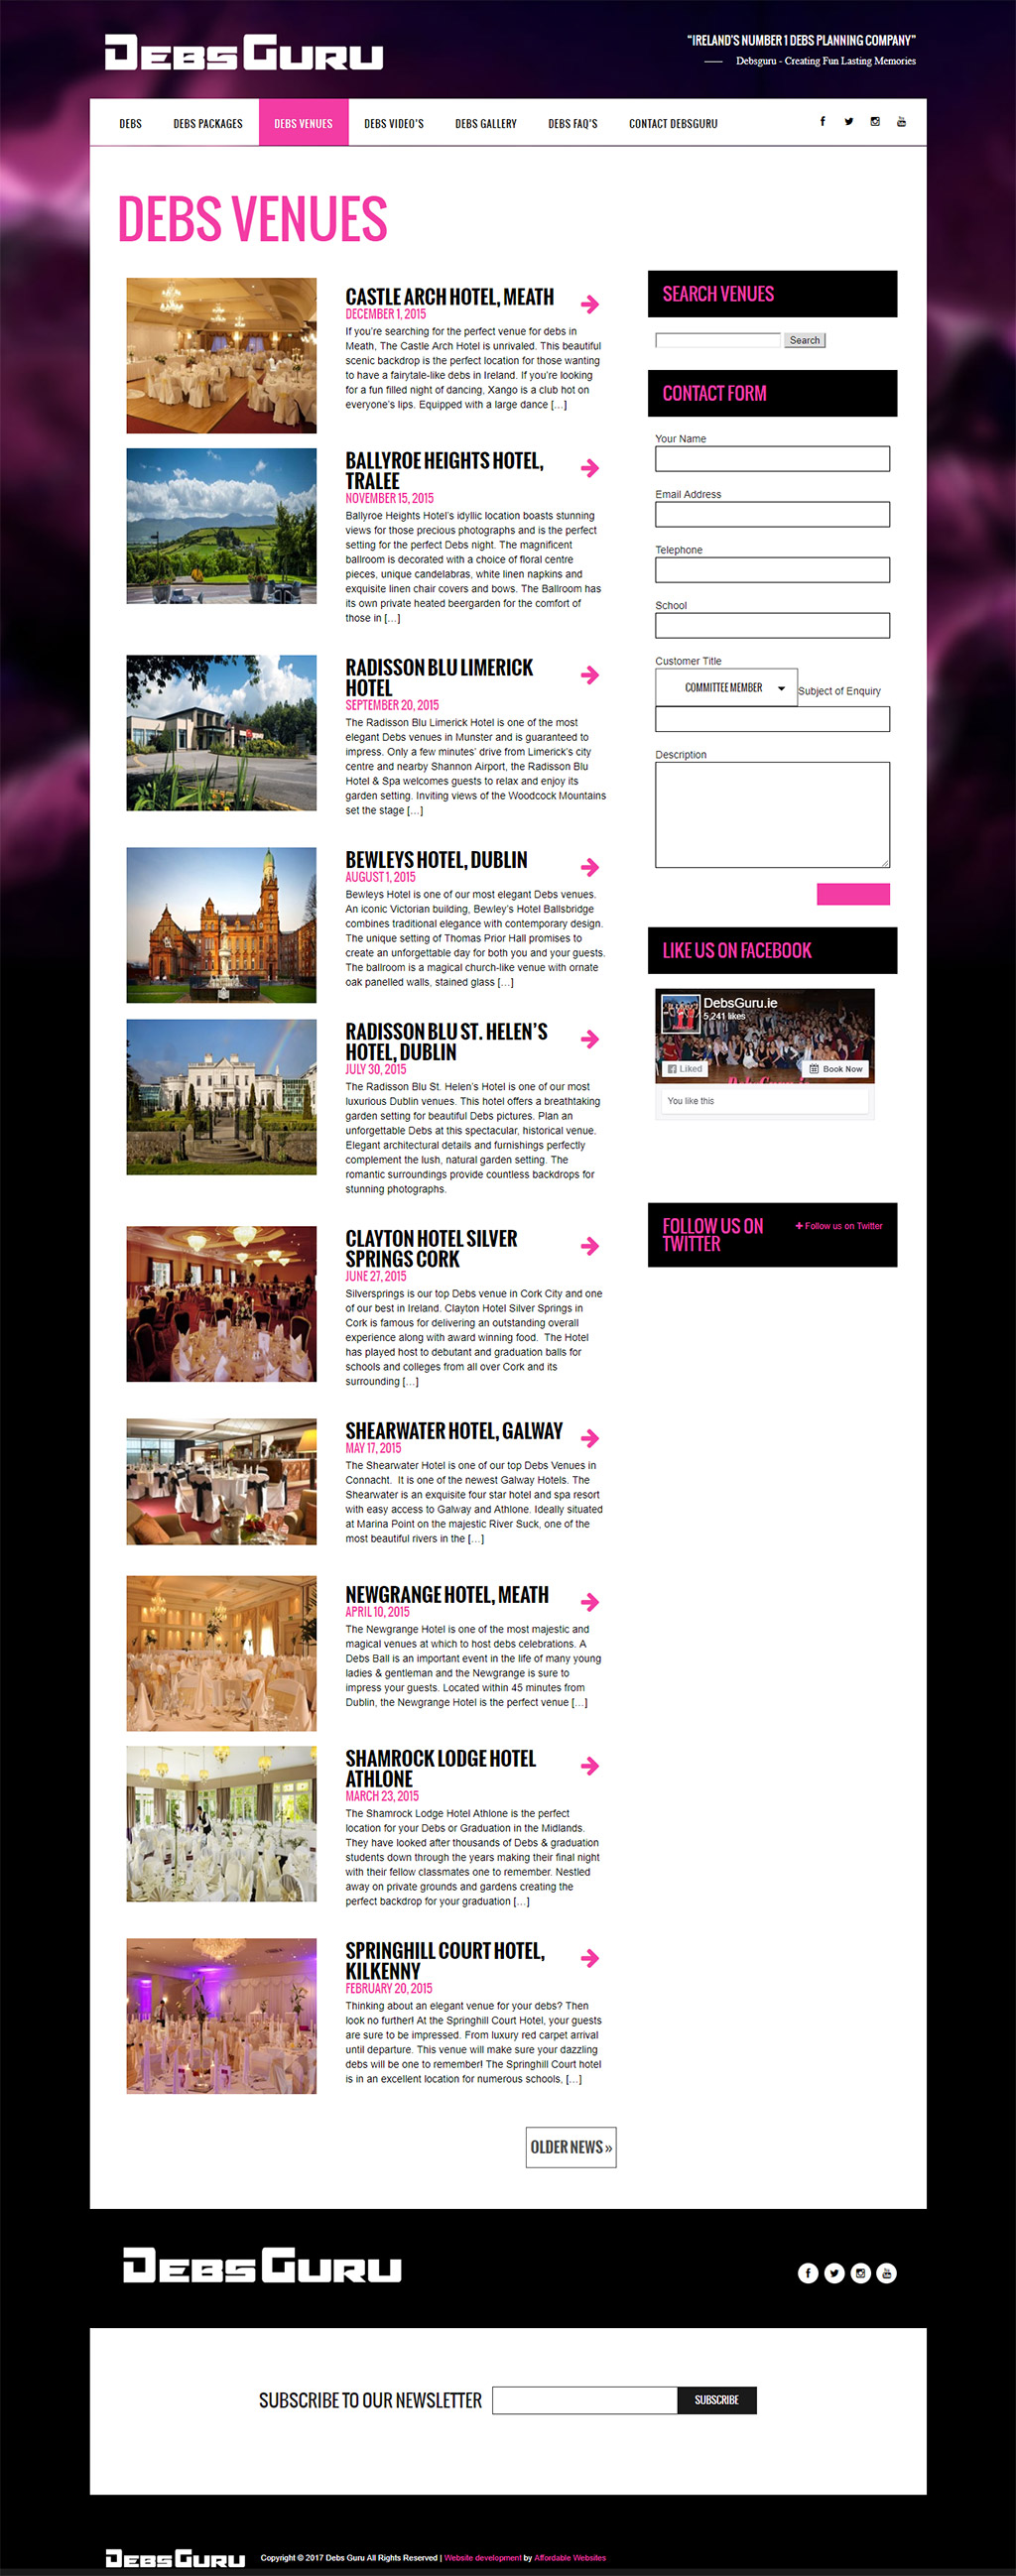 Debsguru Debs Website Design by www.affordablewebsites.ie